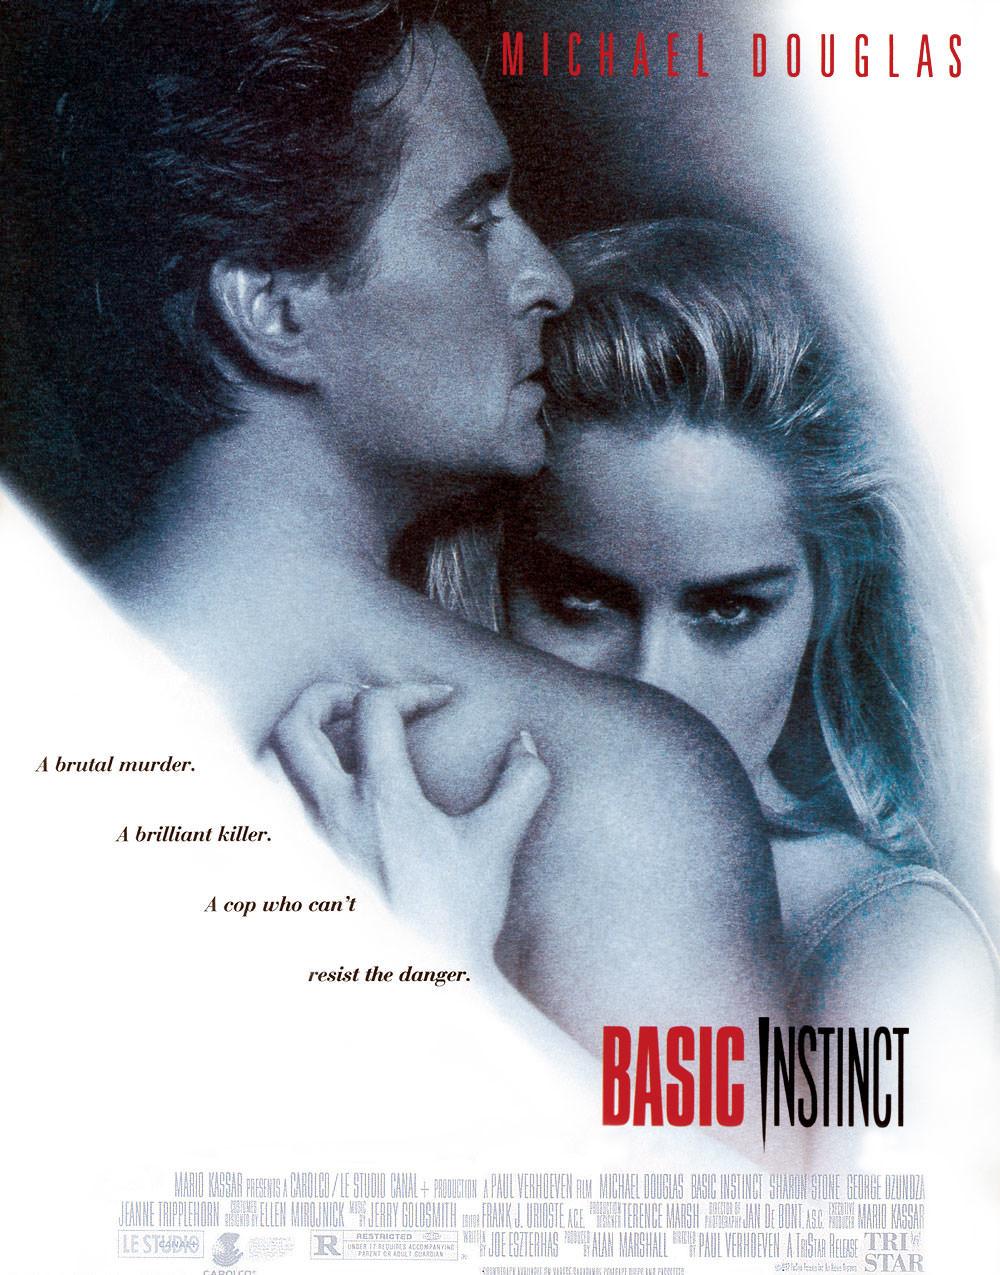 Basic instinct verhoeven